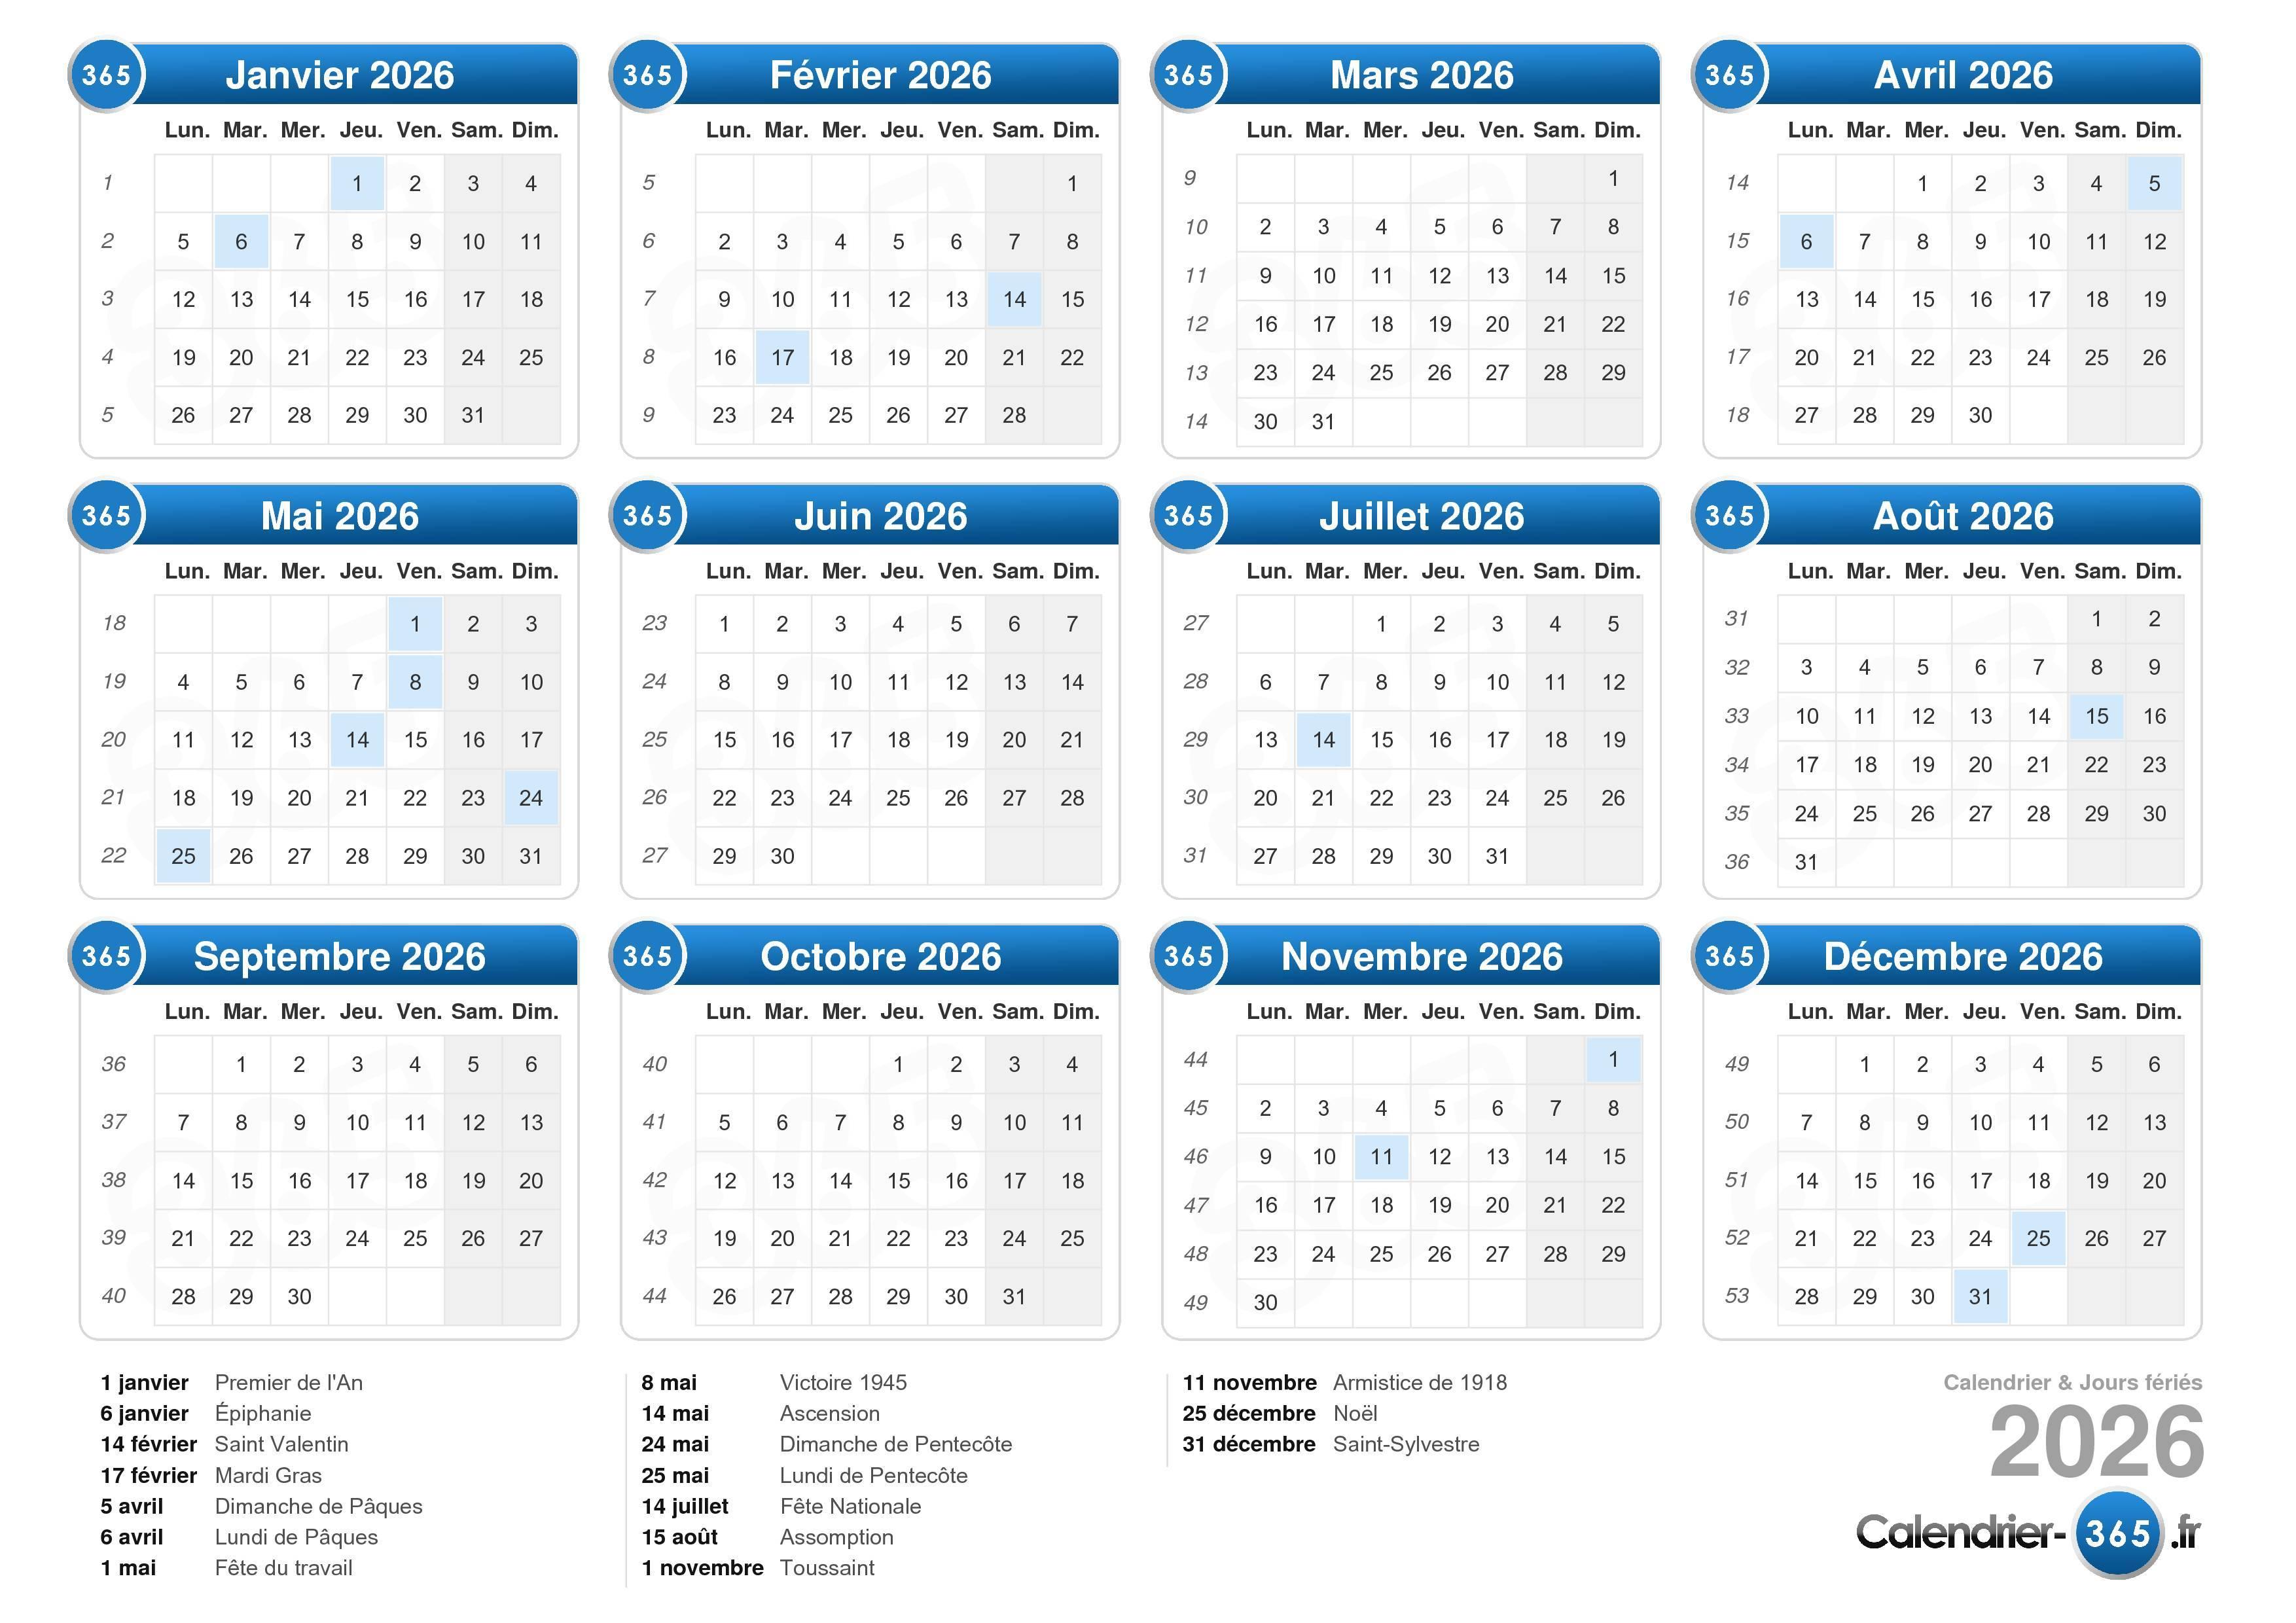 ... calendrier 2026 avec jours fériés format paysage 1 page calendrier